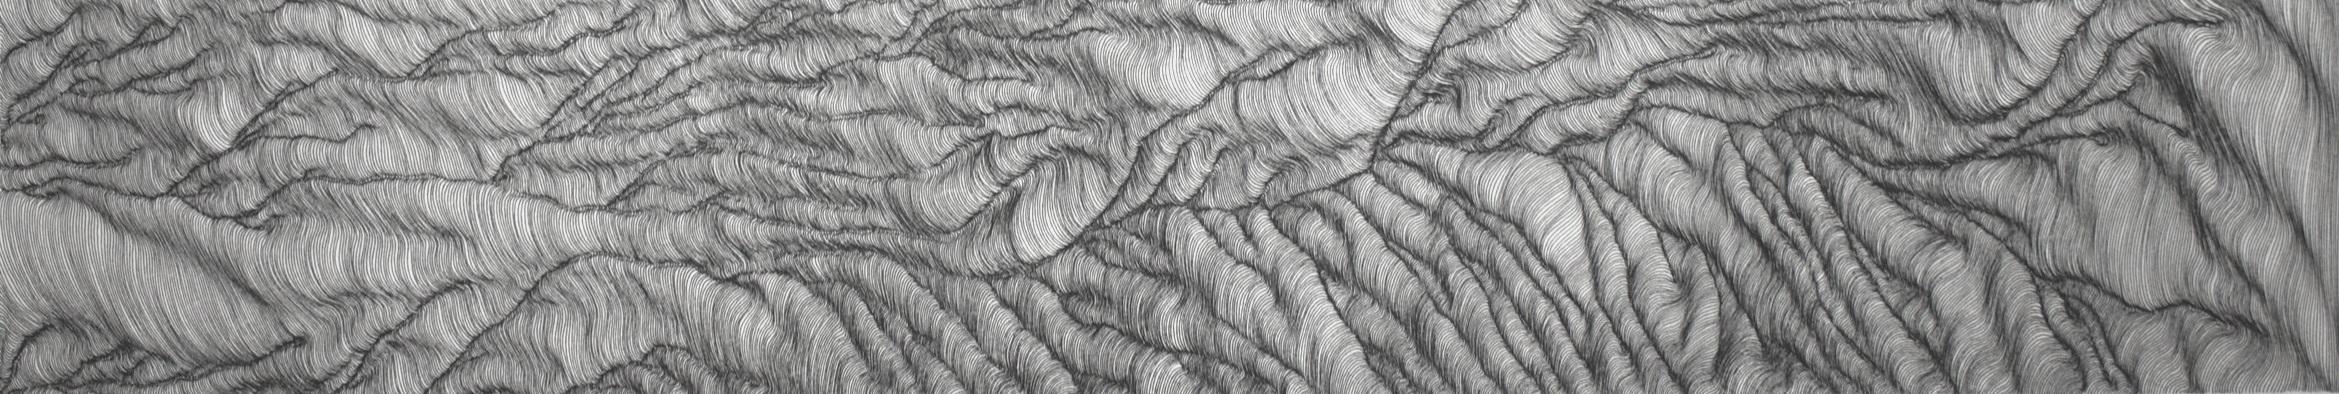 Preparatory drawing for Draupadi, taken across Rajasthan, India. Ink on rice paper.